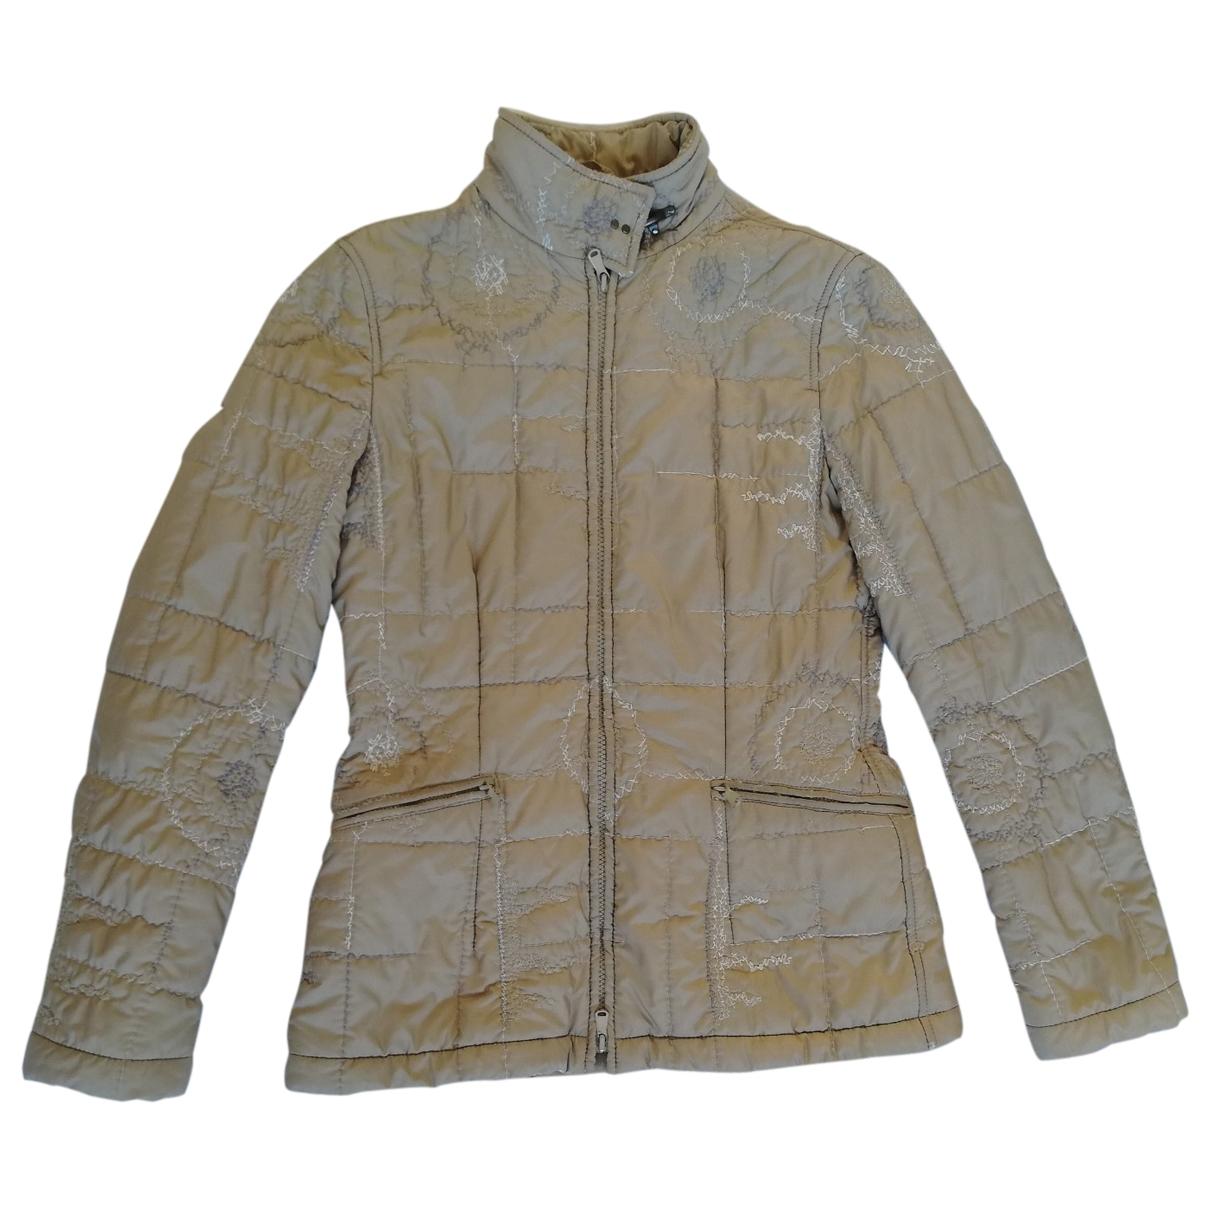 Fay \N Beige jacket for Women M International